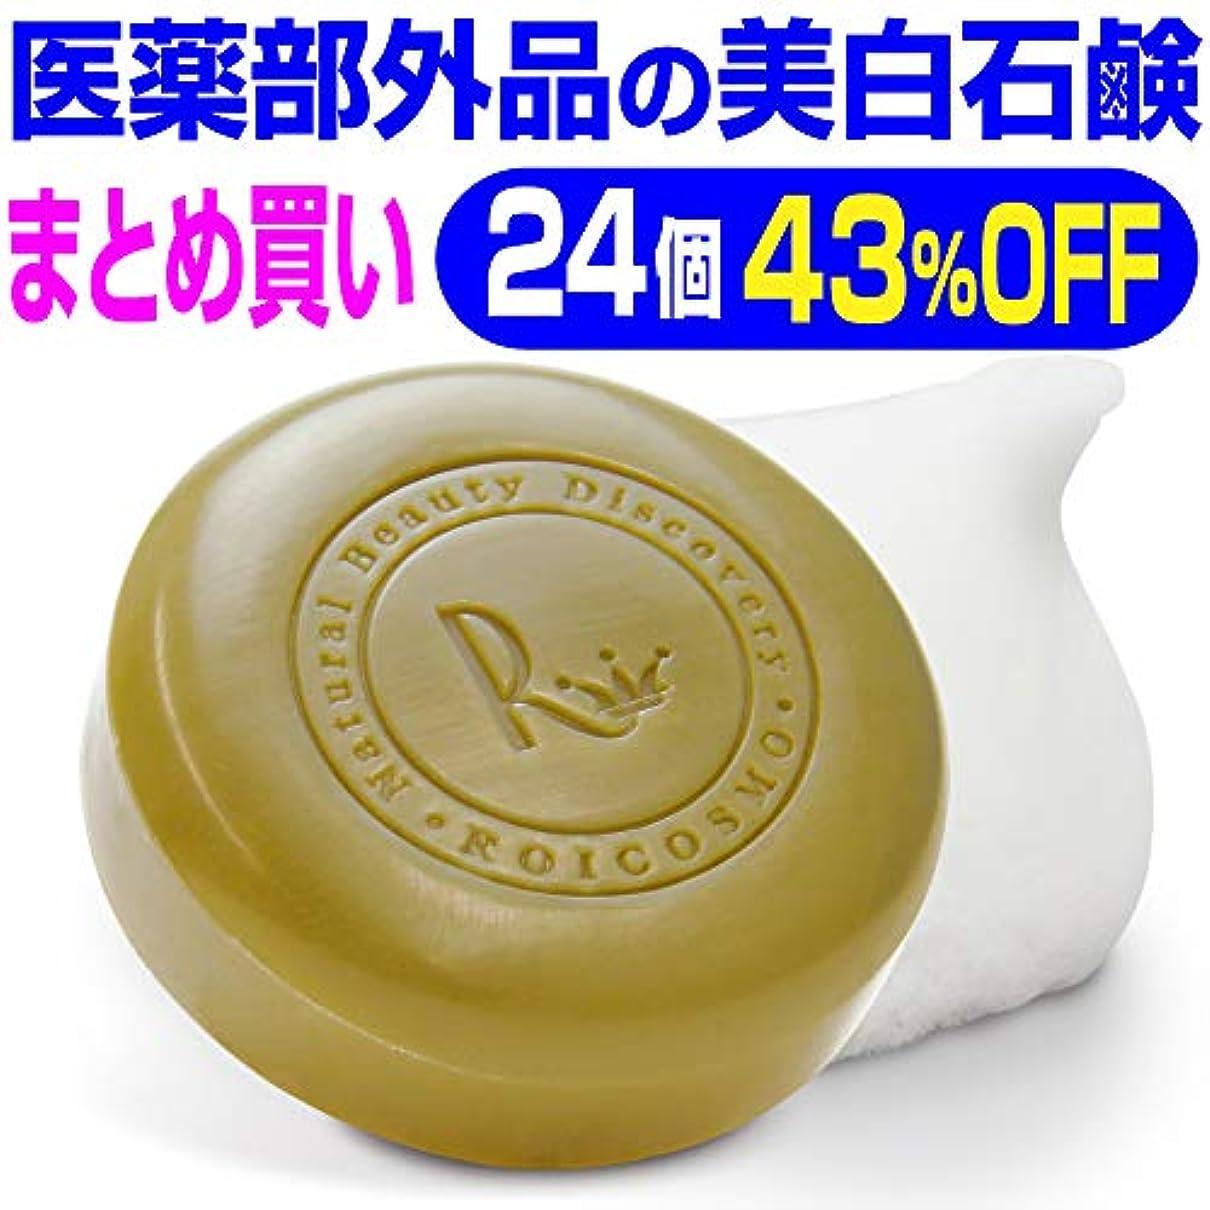 里親フォーク口24個まとめ買い43%OFF 美白石鹸/ビタミンC270倍の美白成分配合の 洗顔石鹸『ホワイトソープ100g×24個』